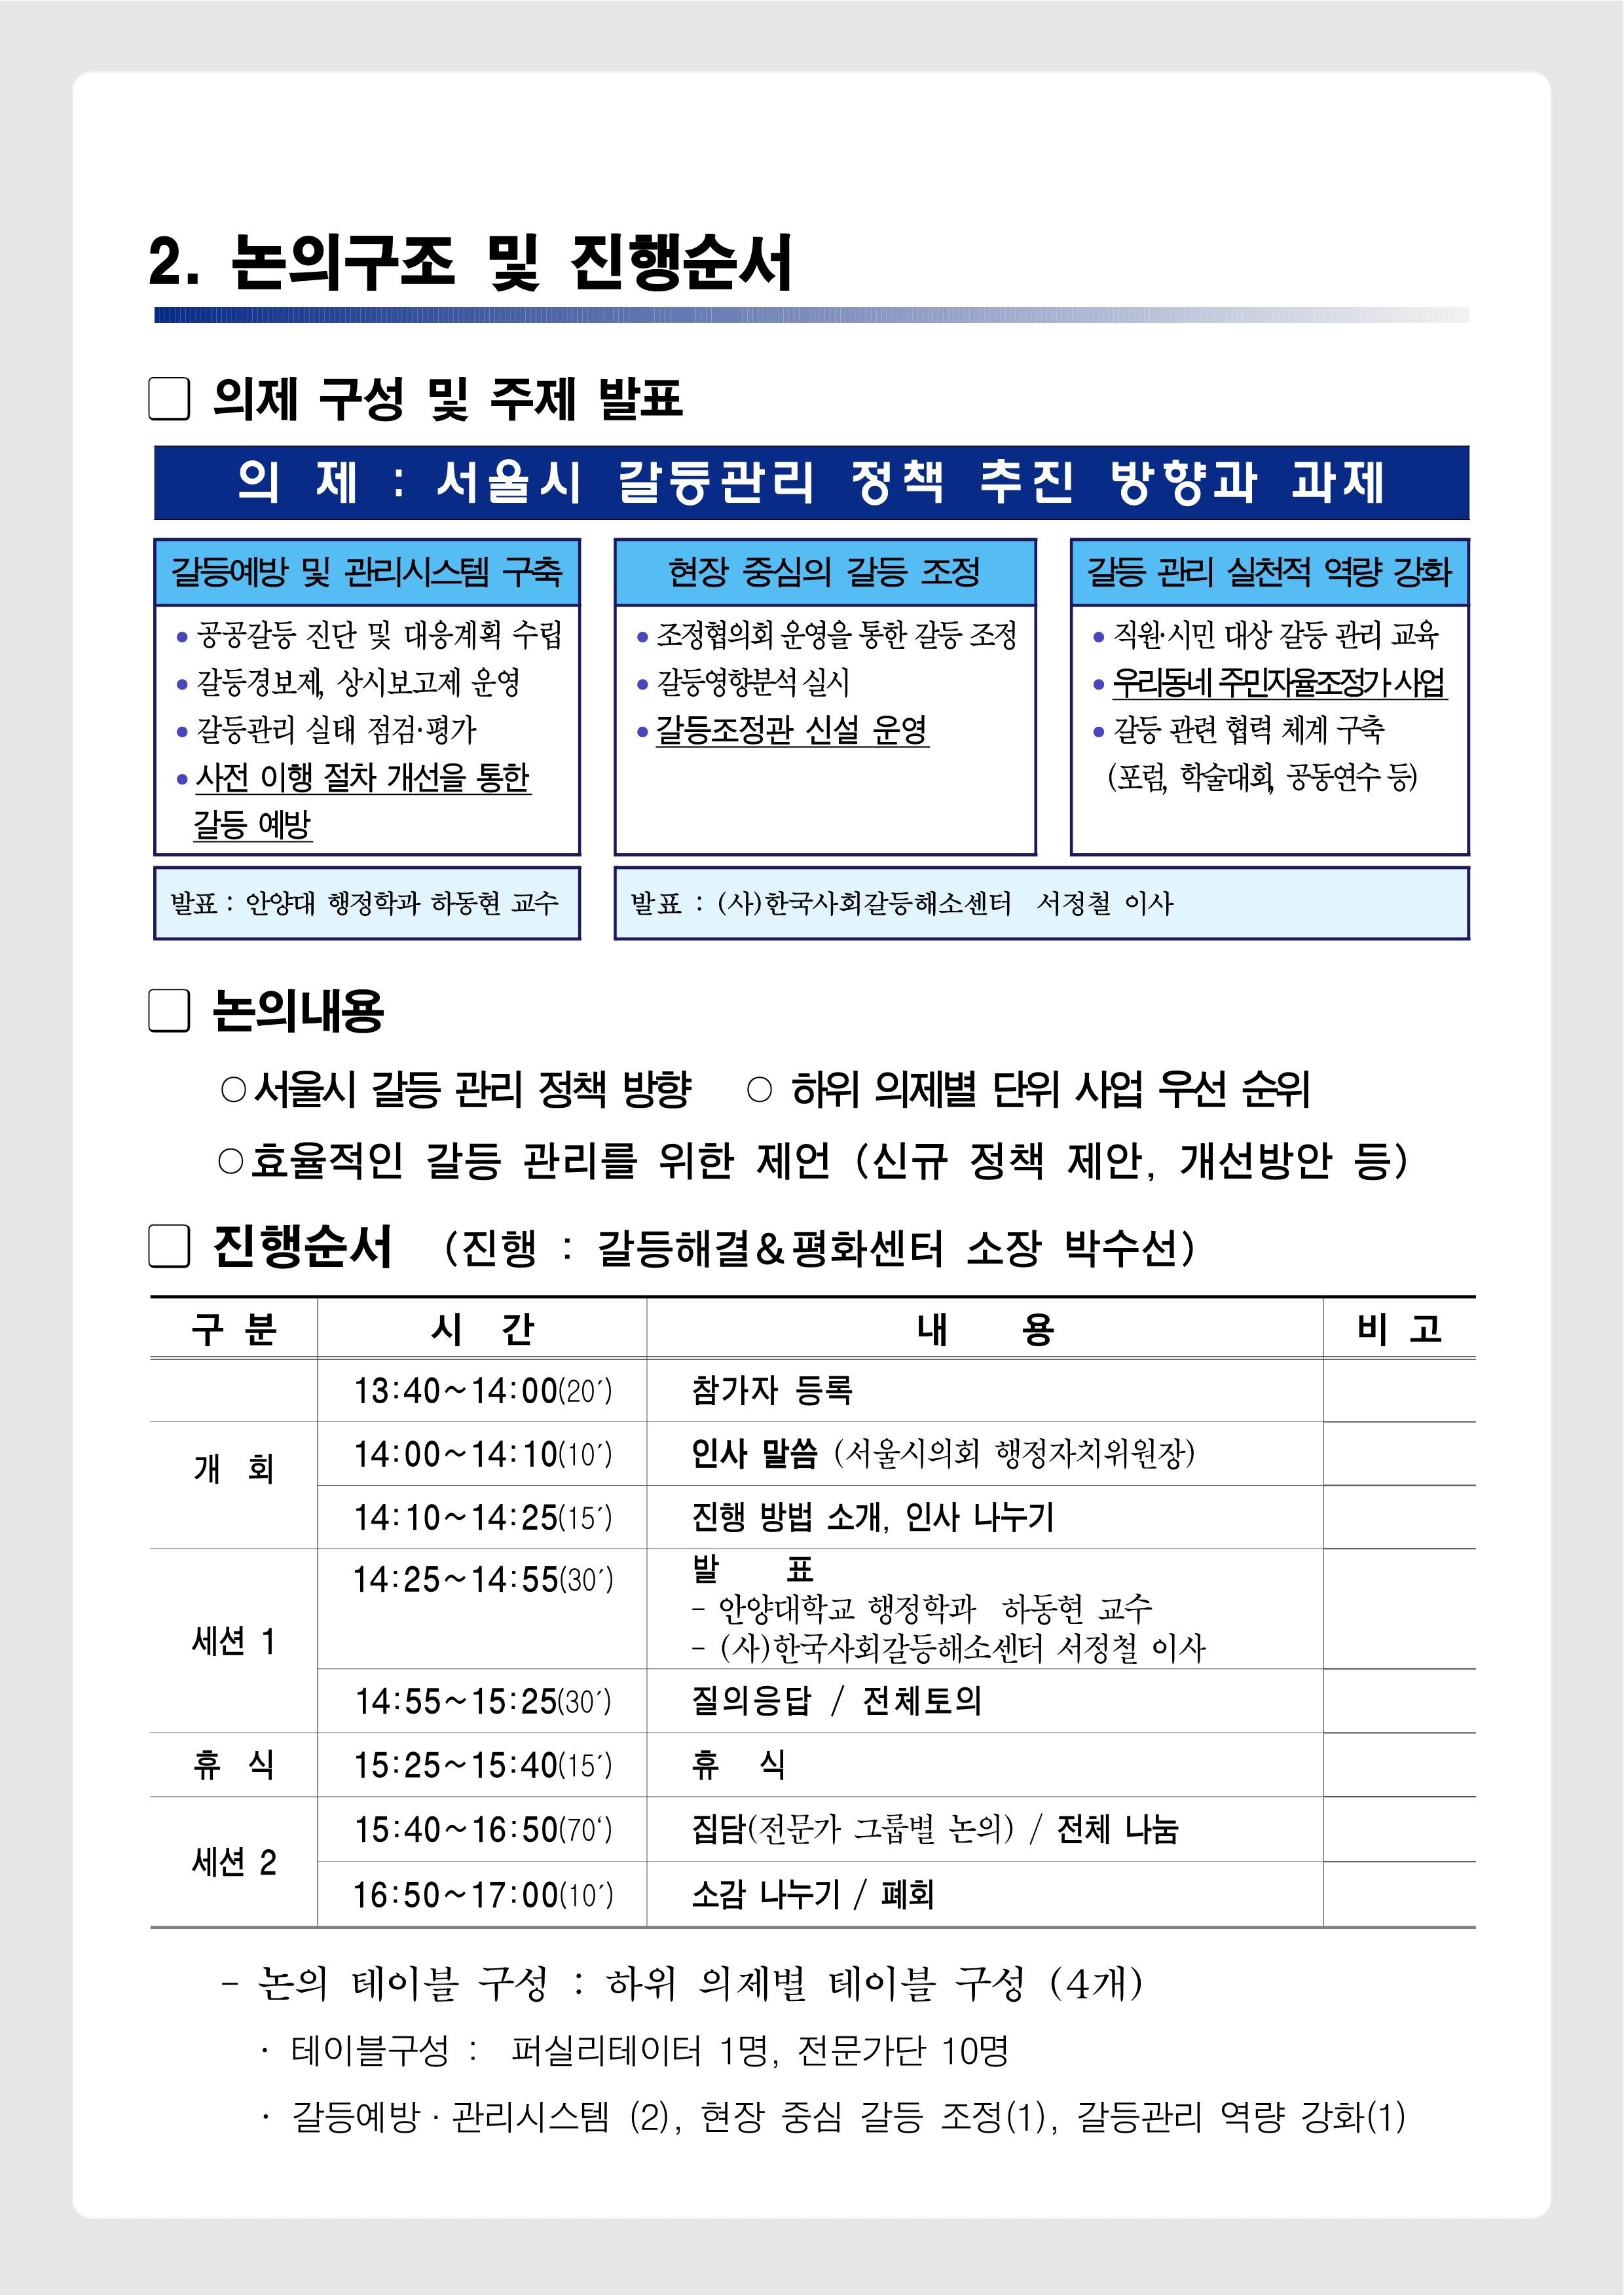 2019 갈등관리 전문가 집담회 참석 안내12.jpg